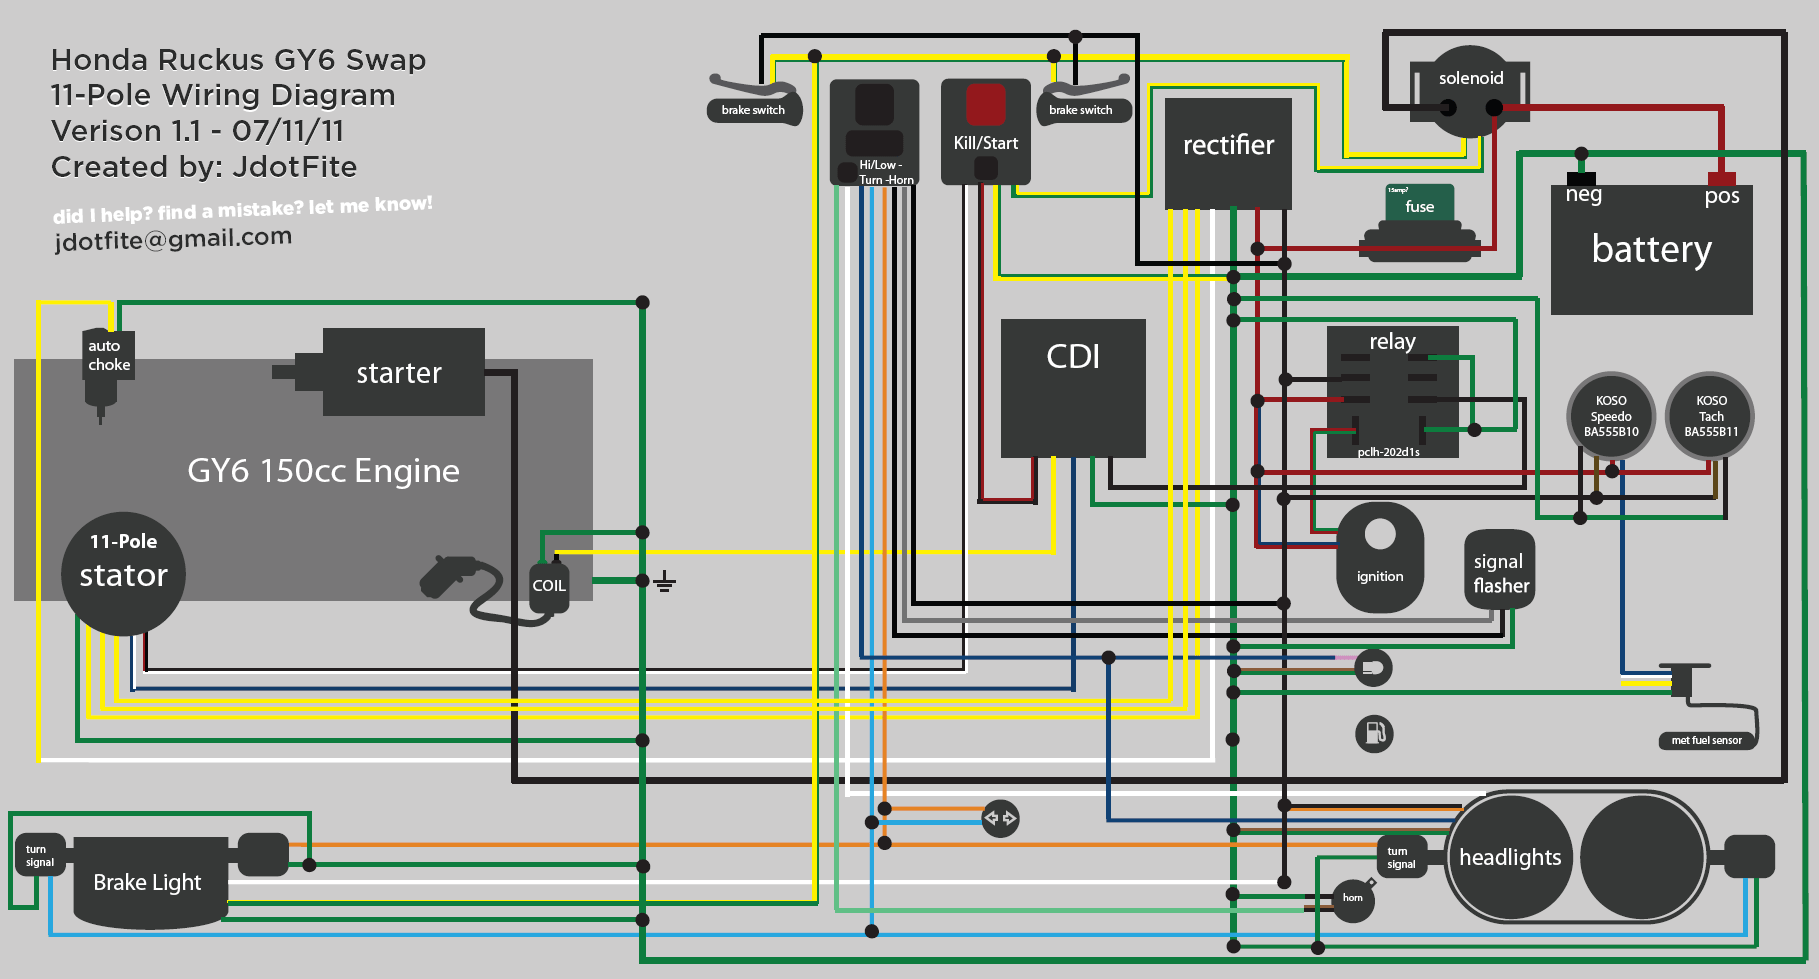 KD_9959] 250Cc Go Kart Dune Buggy Wiring Diagram Wiring Diagram | Gy6 Buggy Wiring Diagram |  | Puti Onica Gue45 Sapebe Mohammedshrine Librar Wiring 101